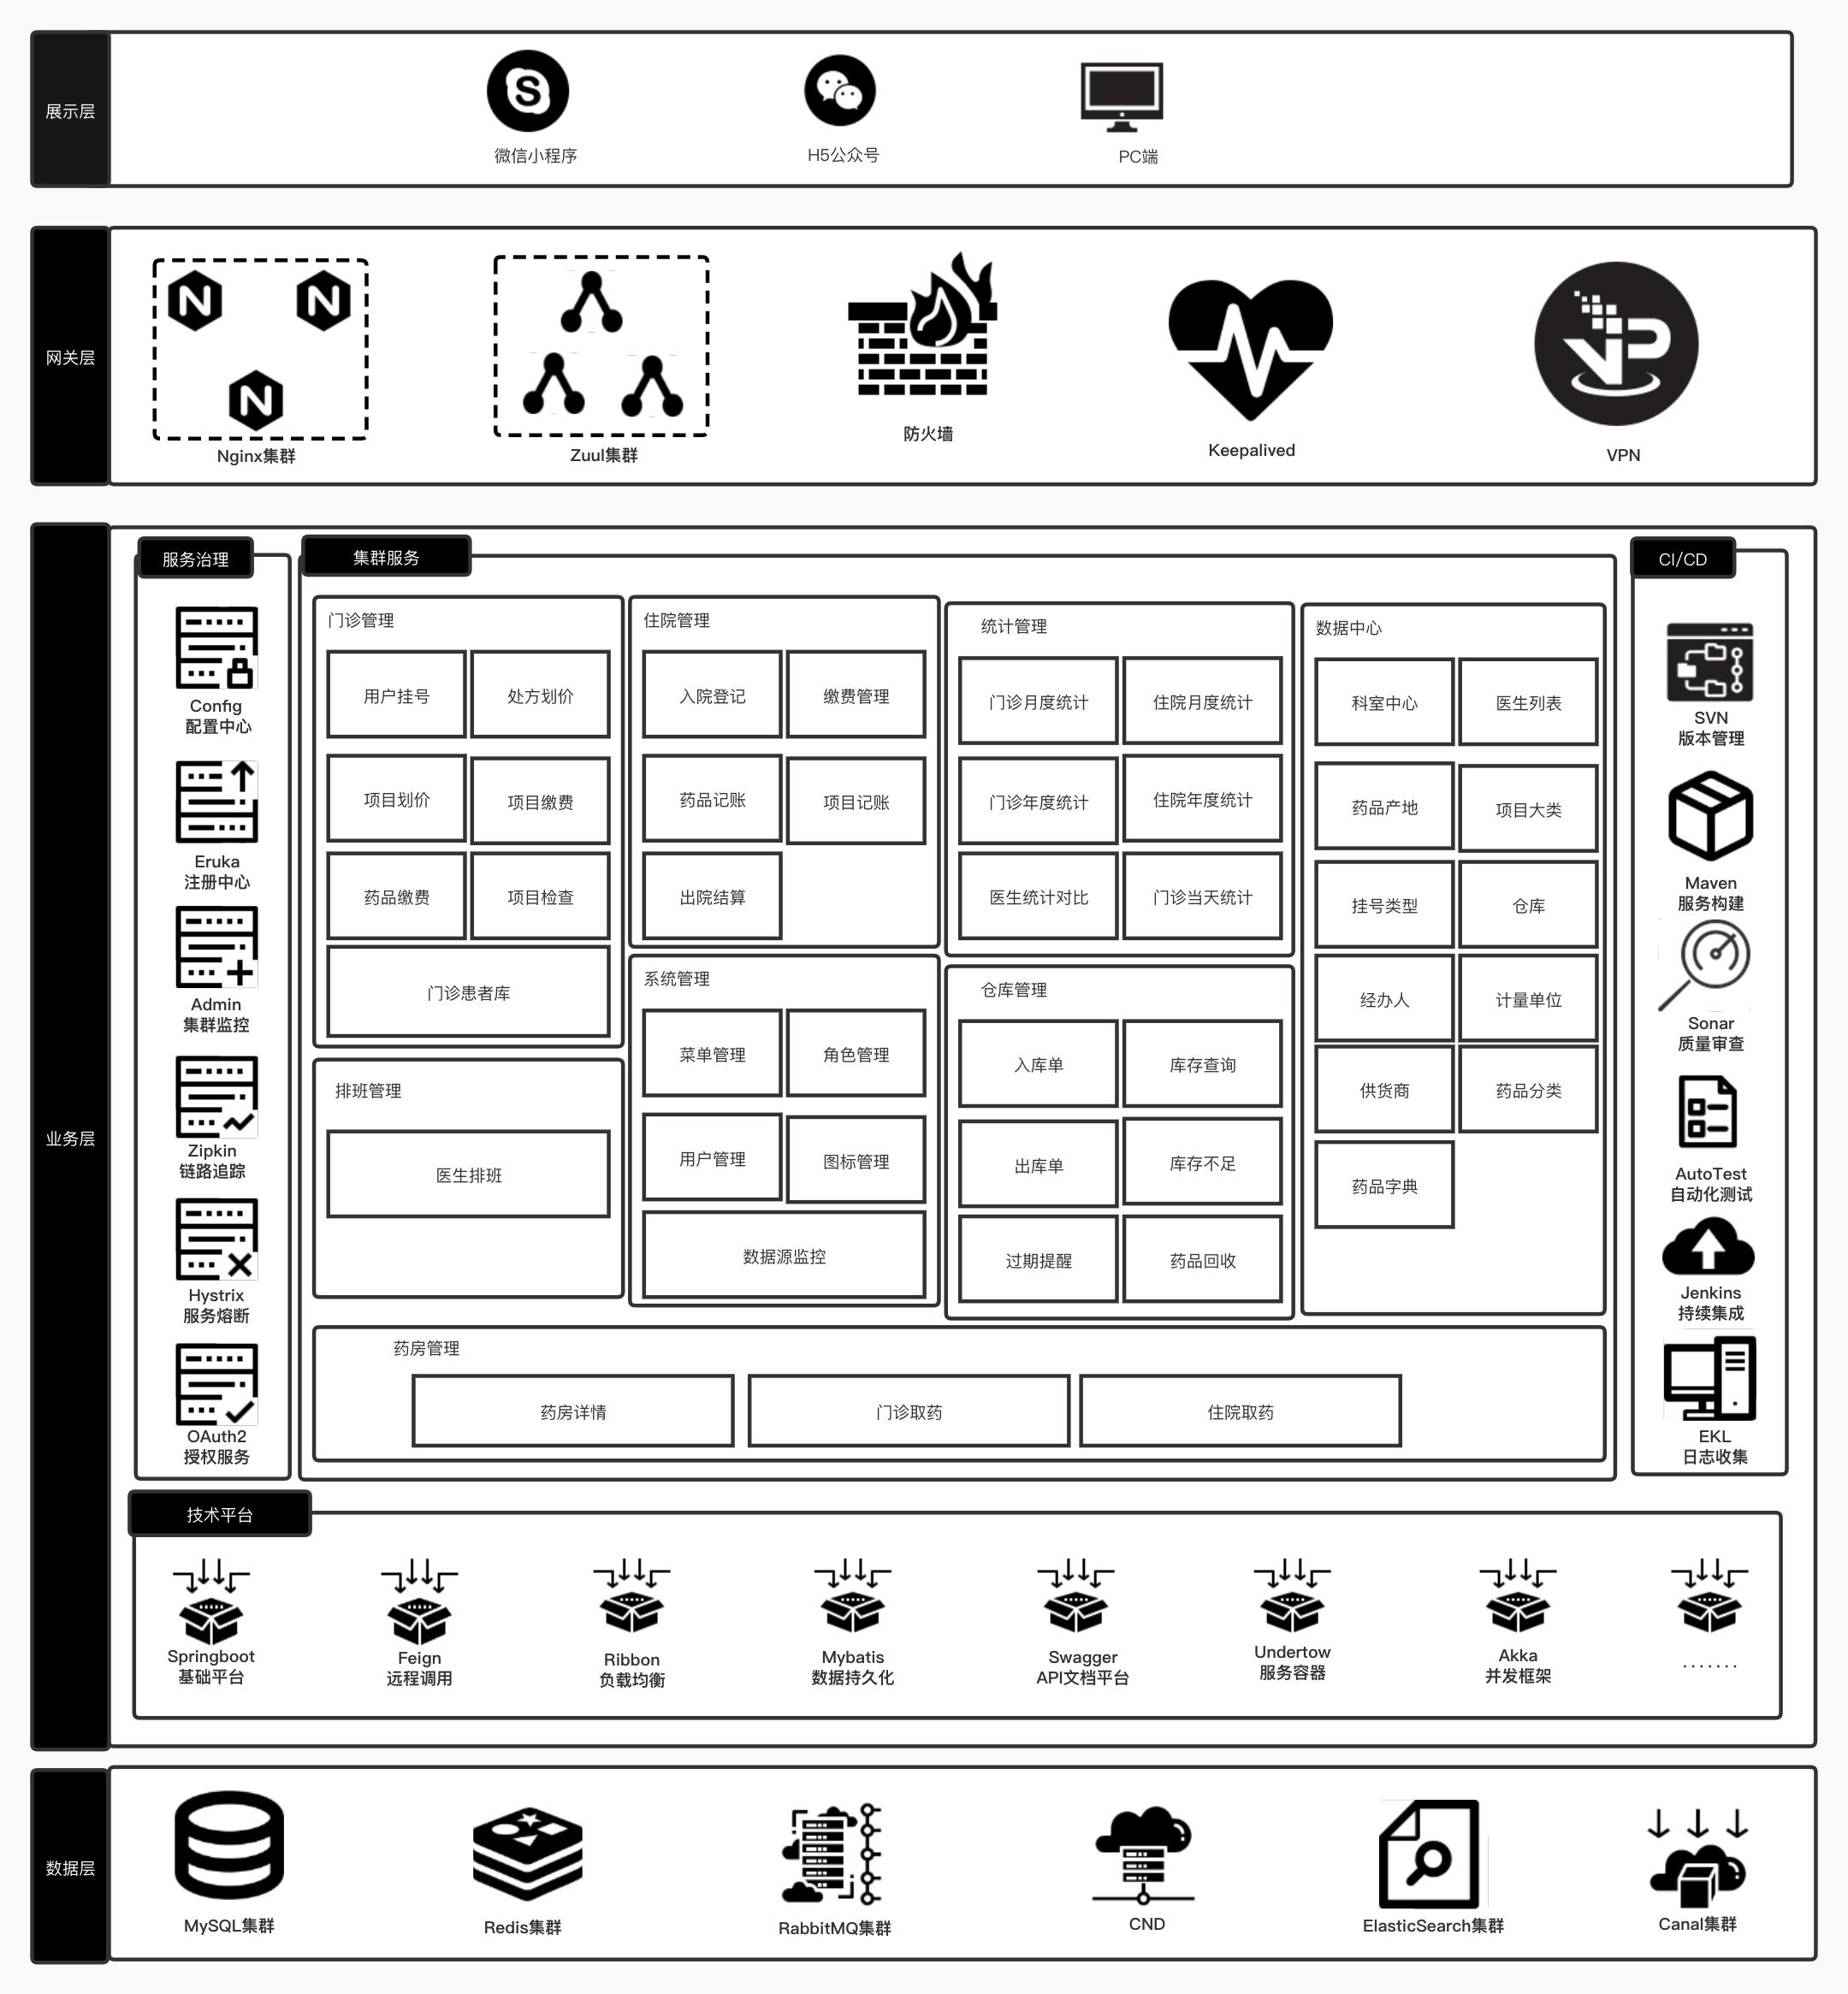 医院管理系统技术架构.jpg